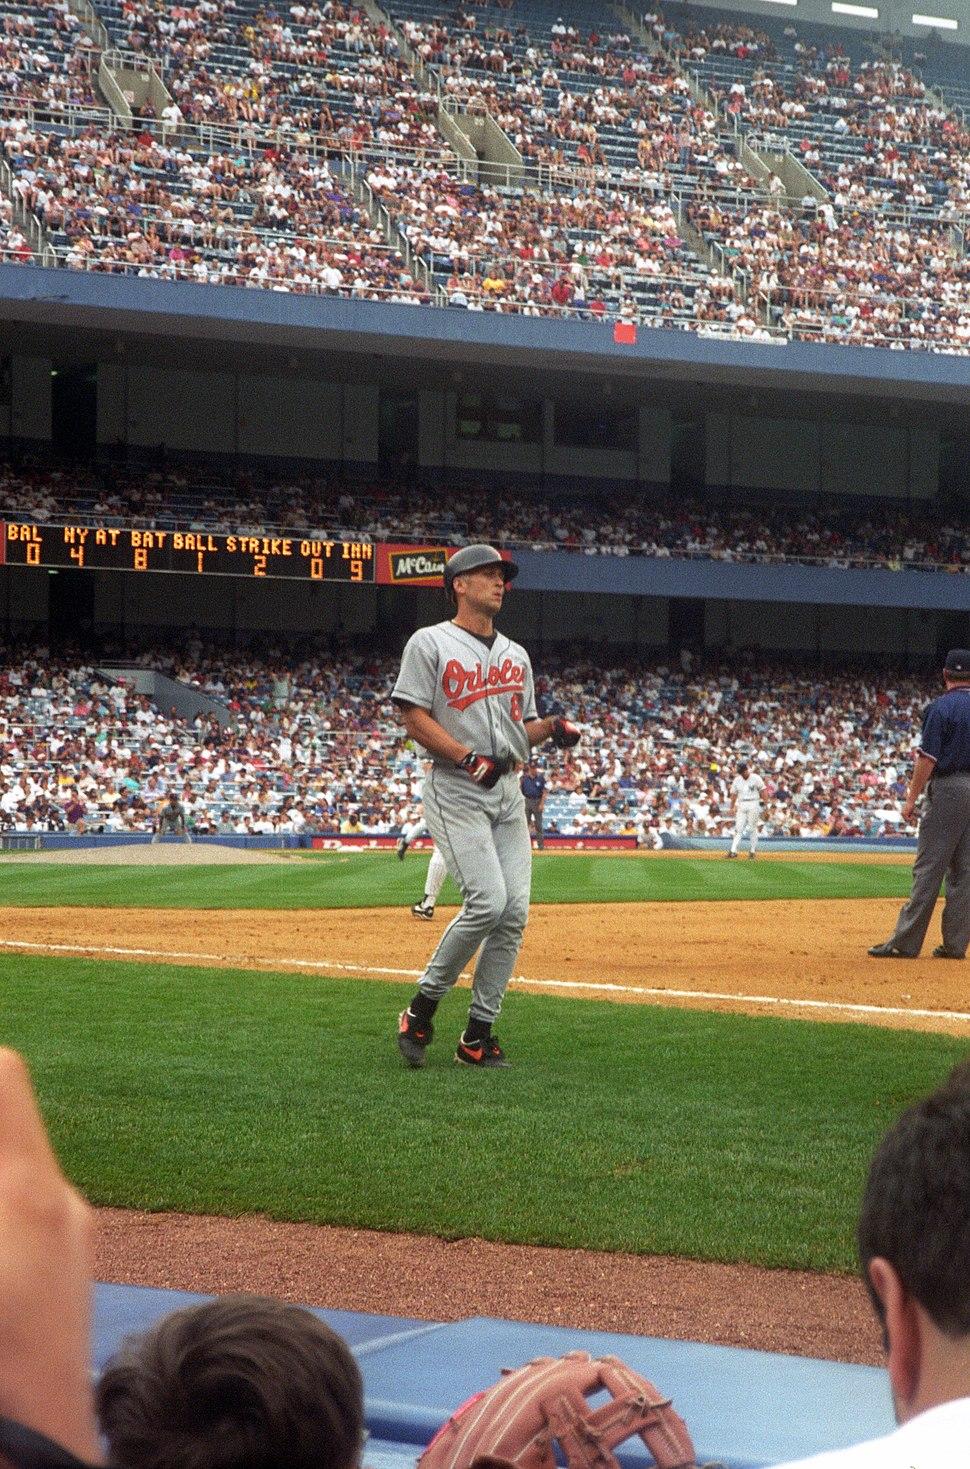 Cal Ripken, Jr in 1996